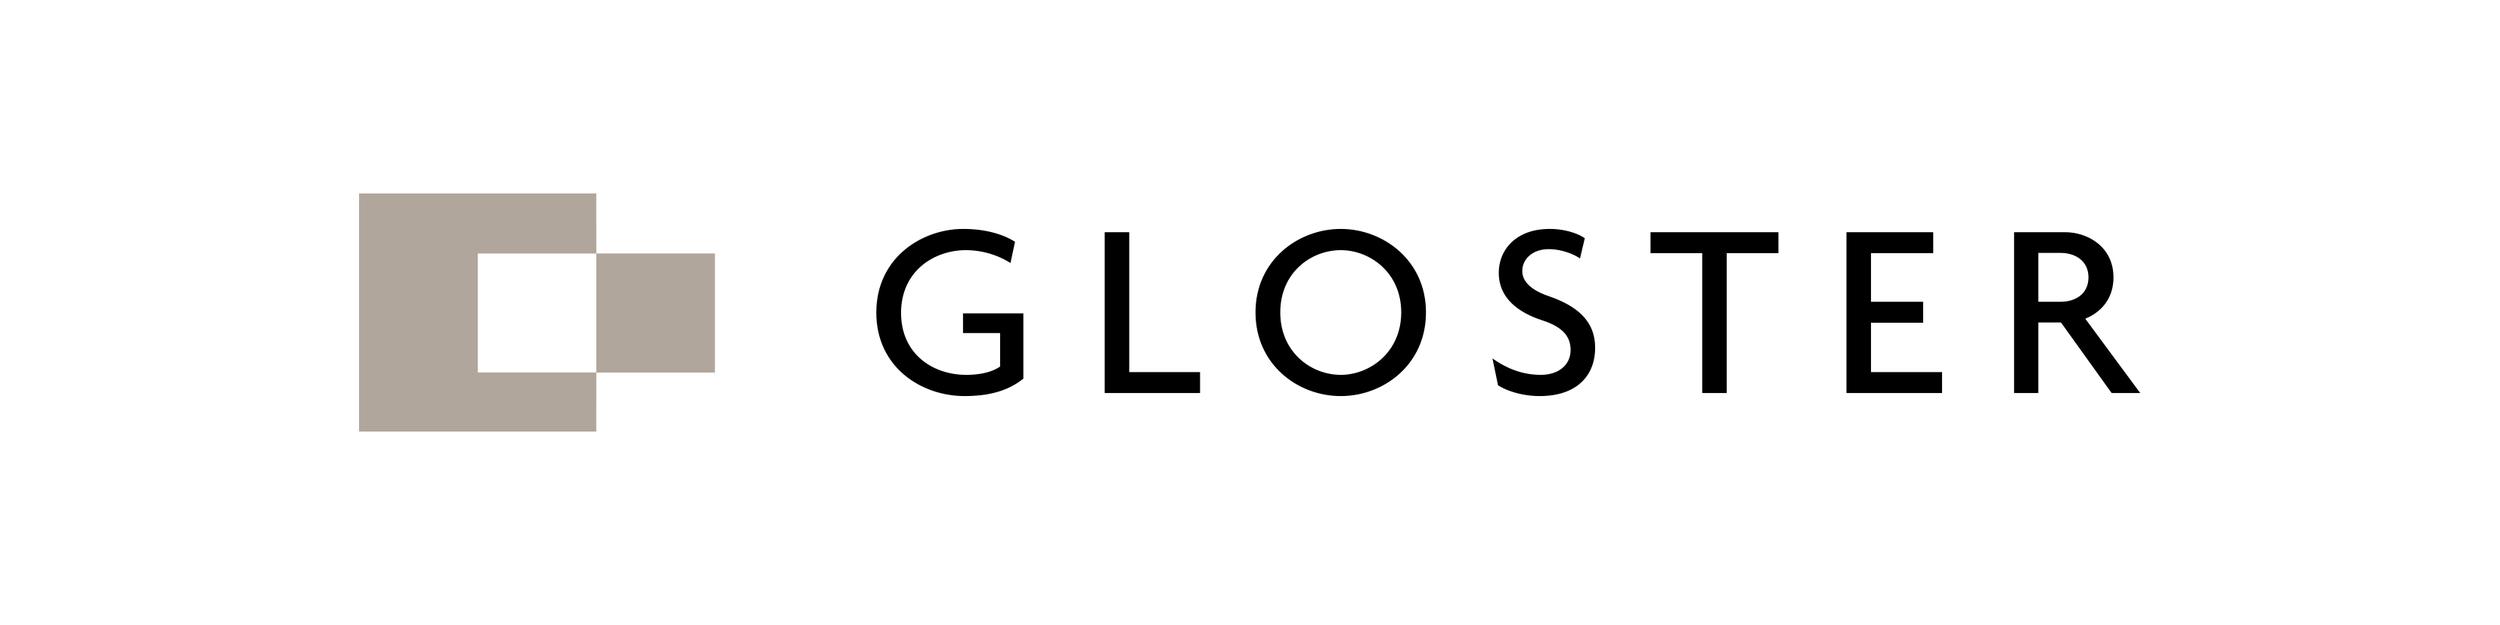 2014-GLOSTER.jpg